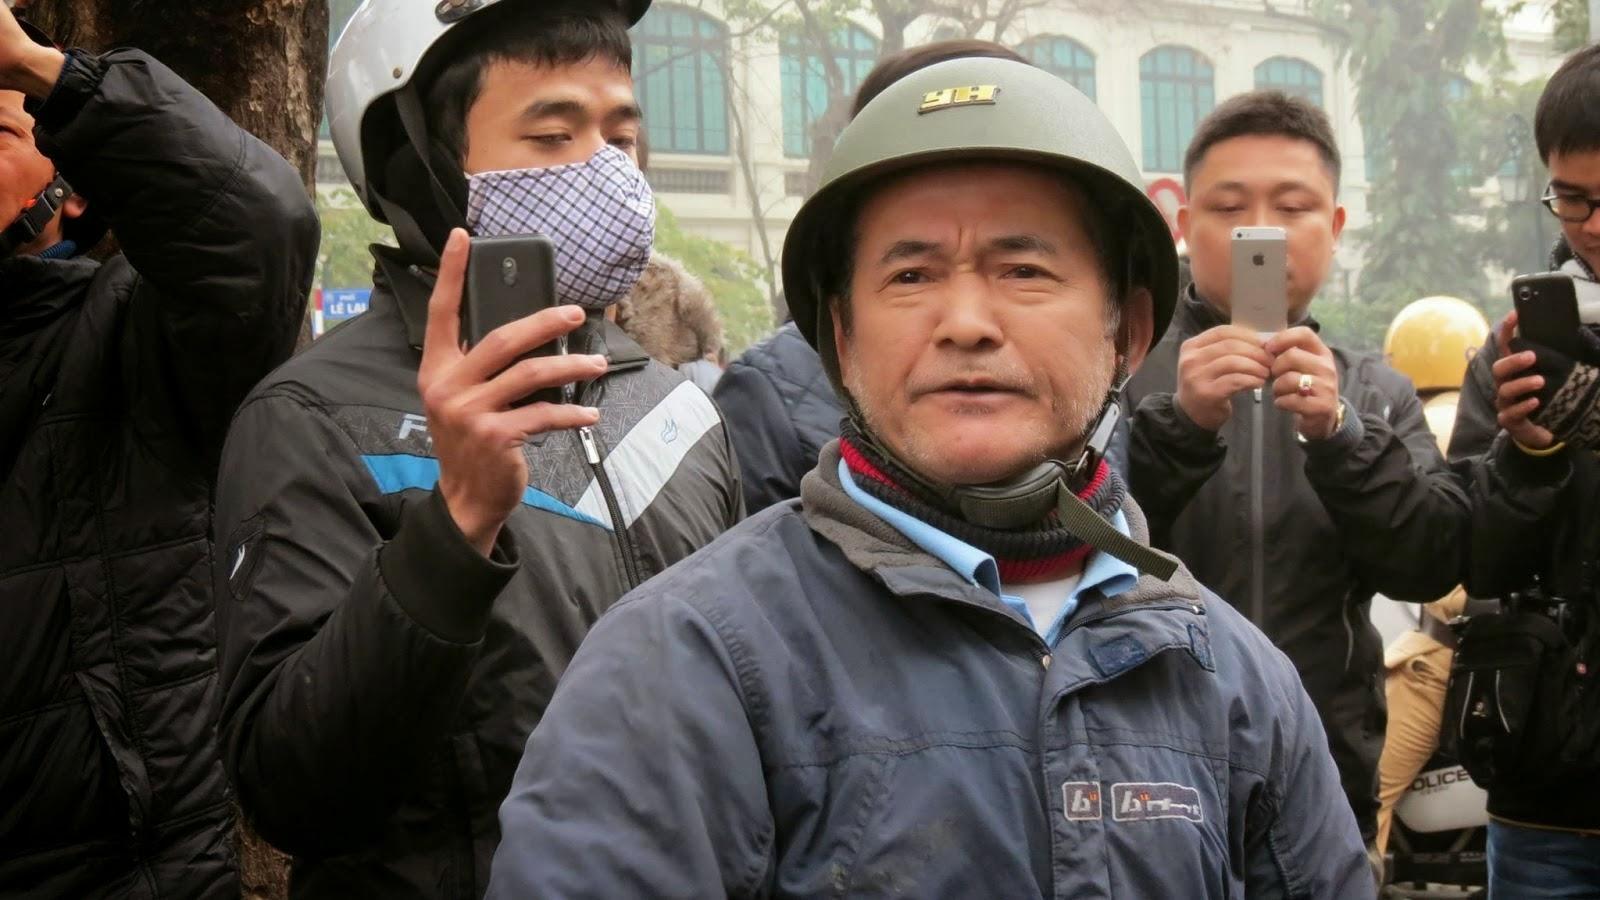 Hình ảnh cựu chiến binh Trương Nhật Quang – Giới trẻ học hỏi được gì?